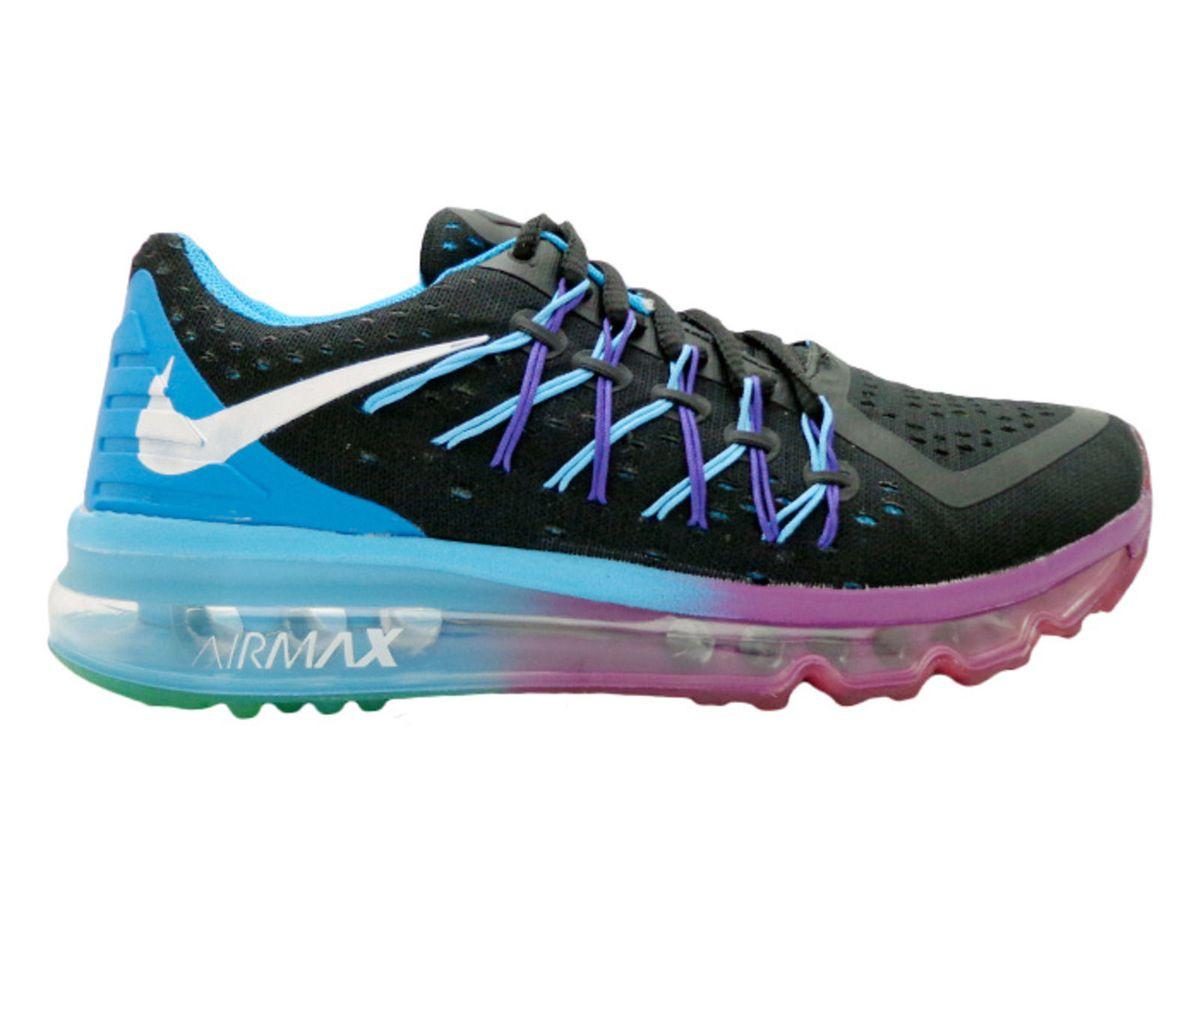 c907e4411 tênis nike air max 2015 promoção - tênis tênis nike air max 2015 promoção